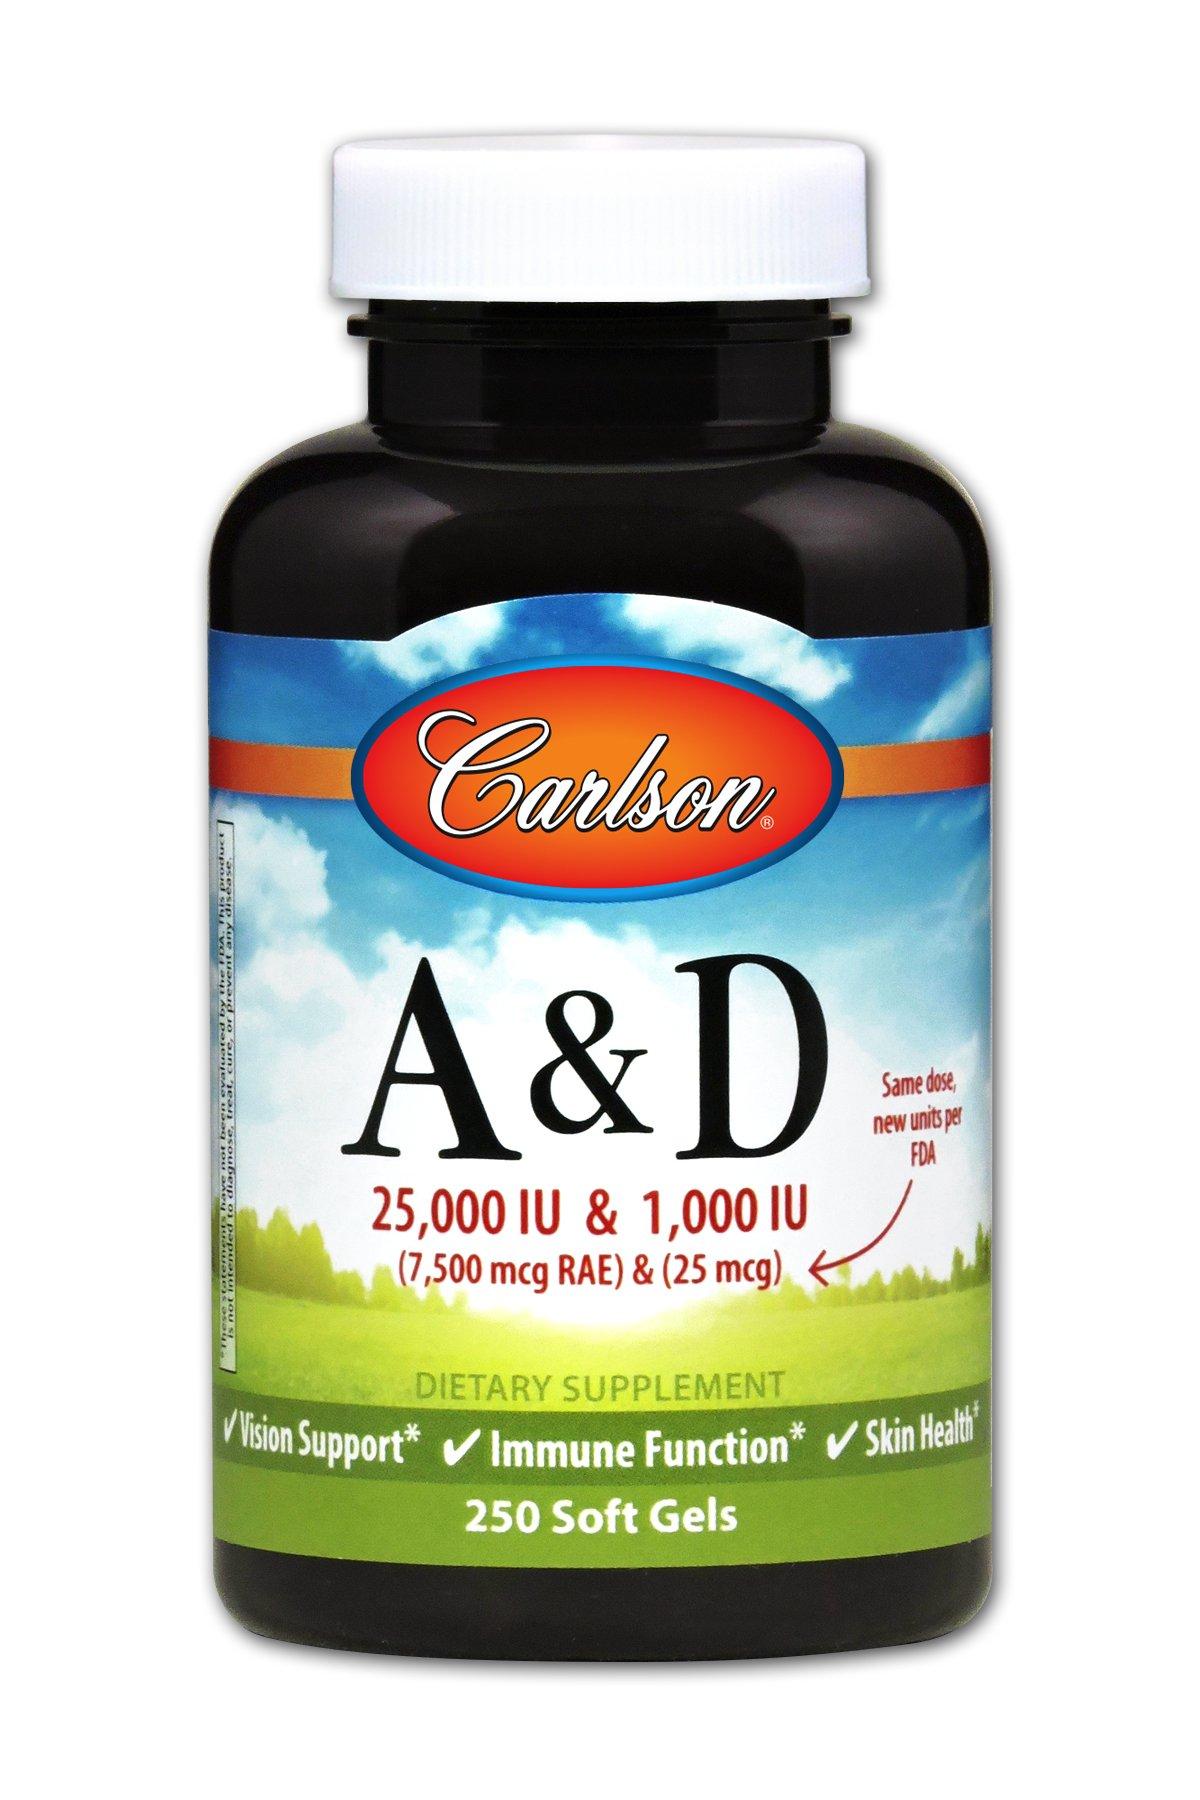 Carlson - A & D, 25000 IU & 1000 IU, Vision Support, Immune Function & Skin Health, 250 Soft gels by Carlson